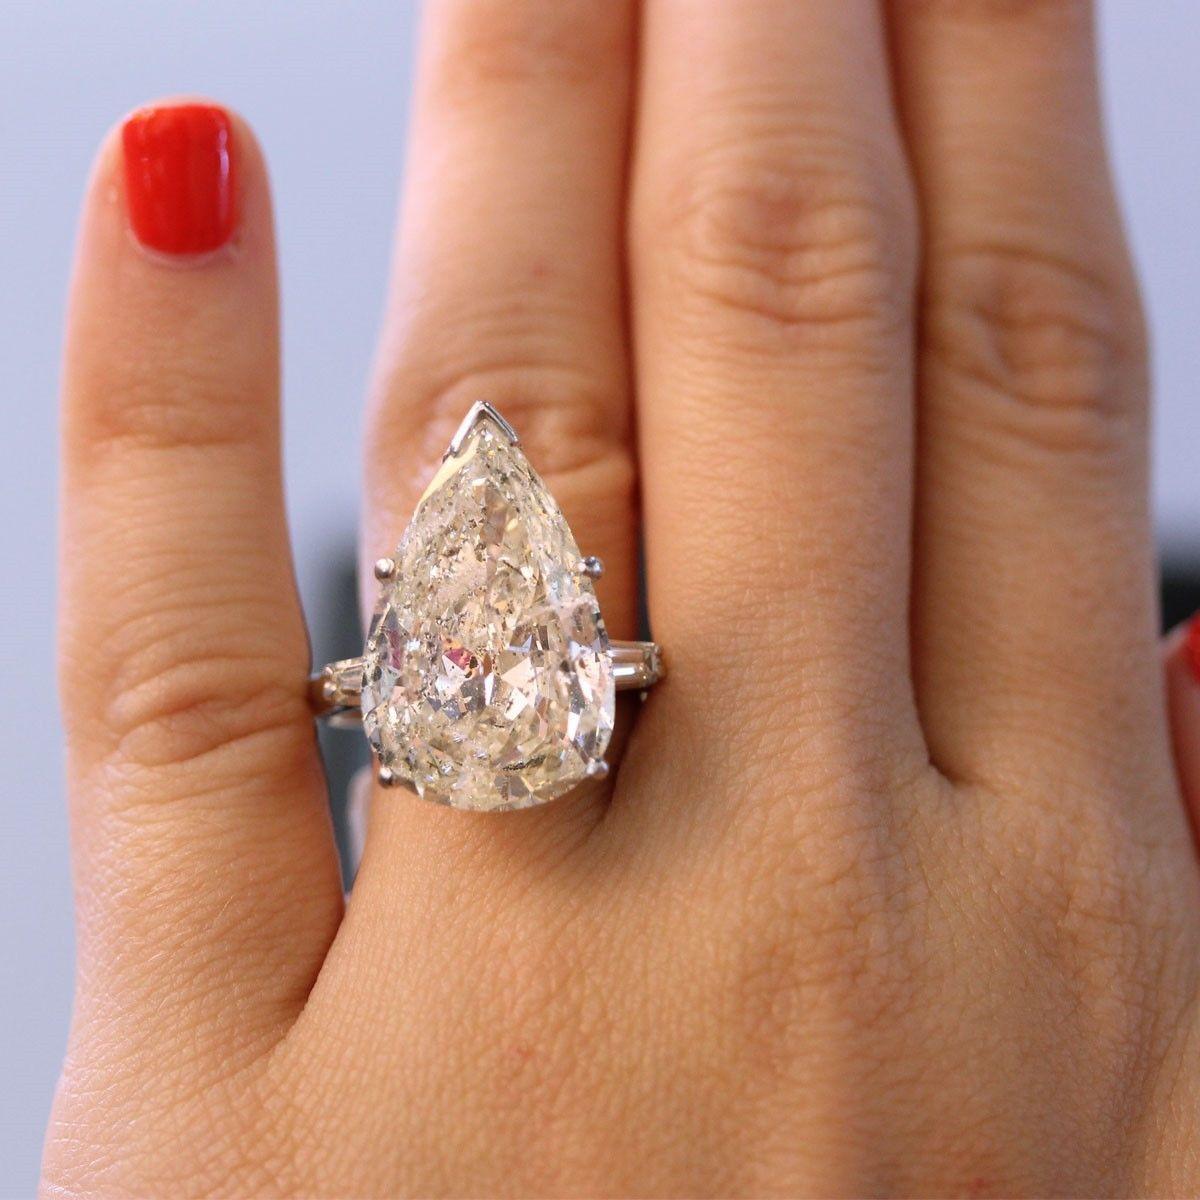 самый большой бриллиант в кольце фото понравится семейным